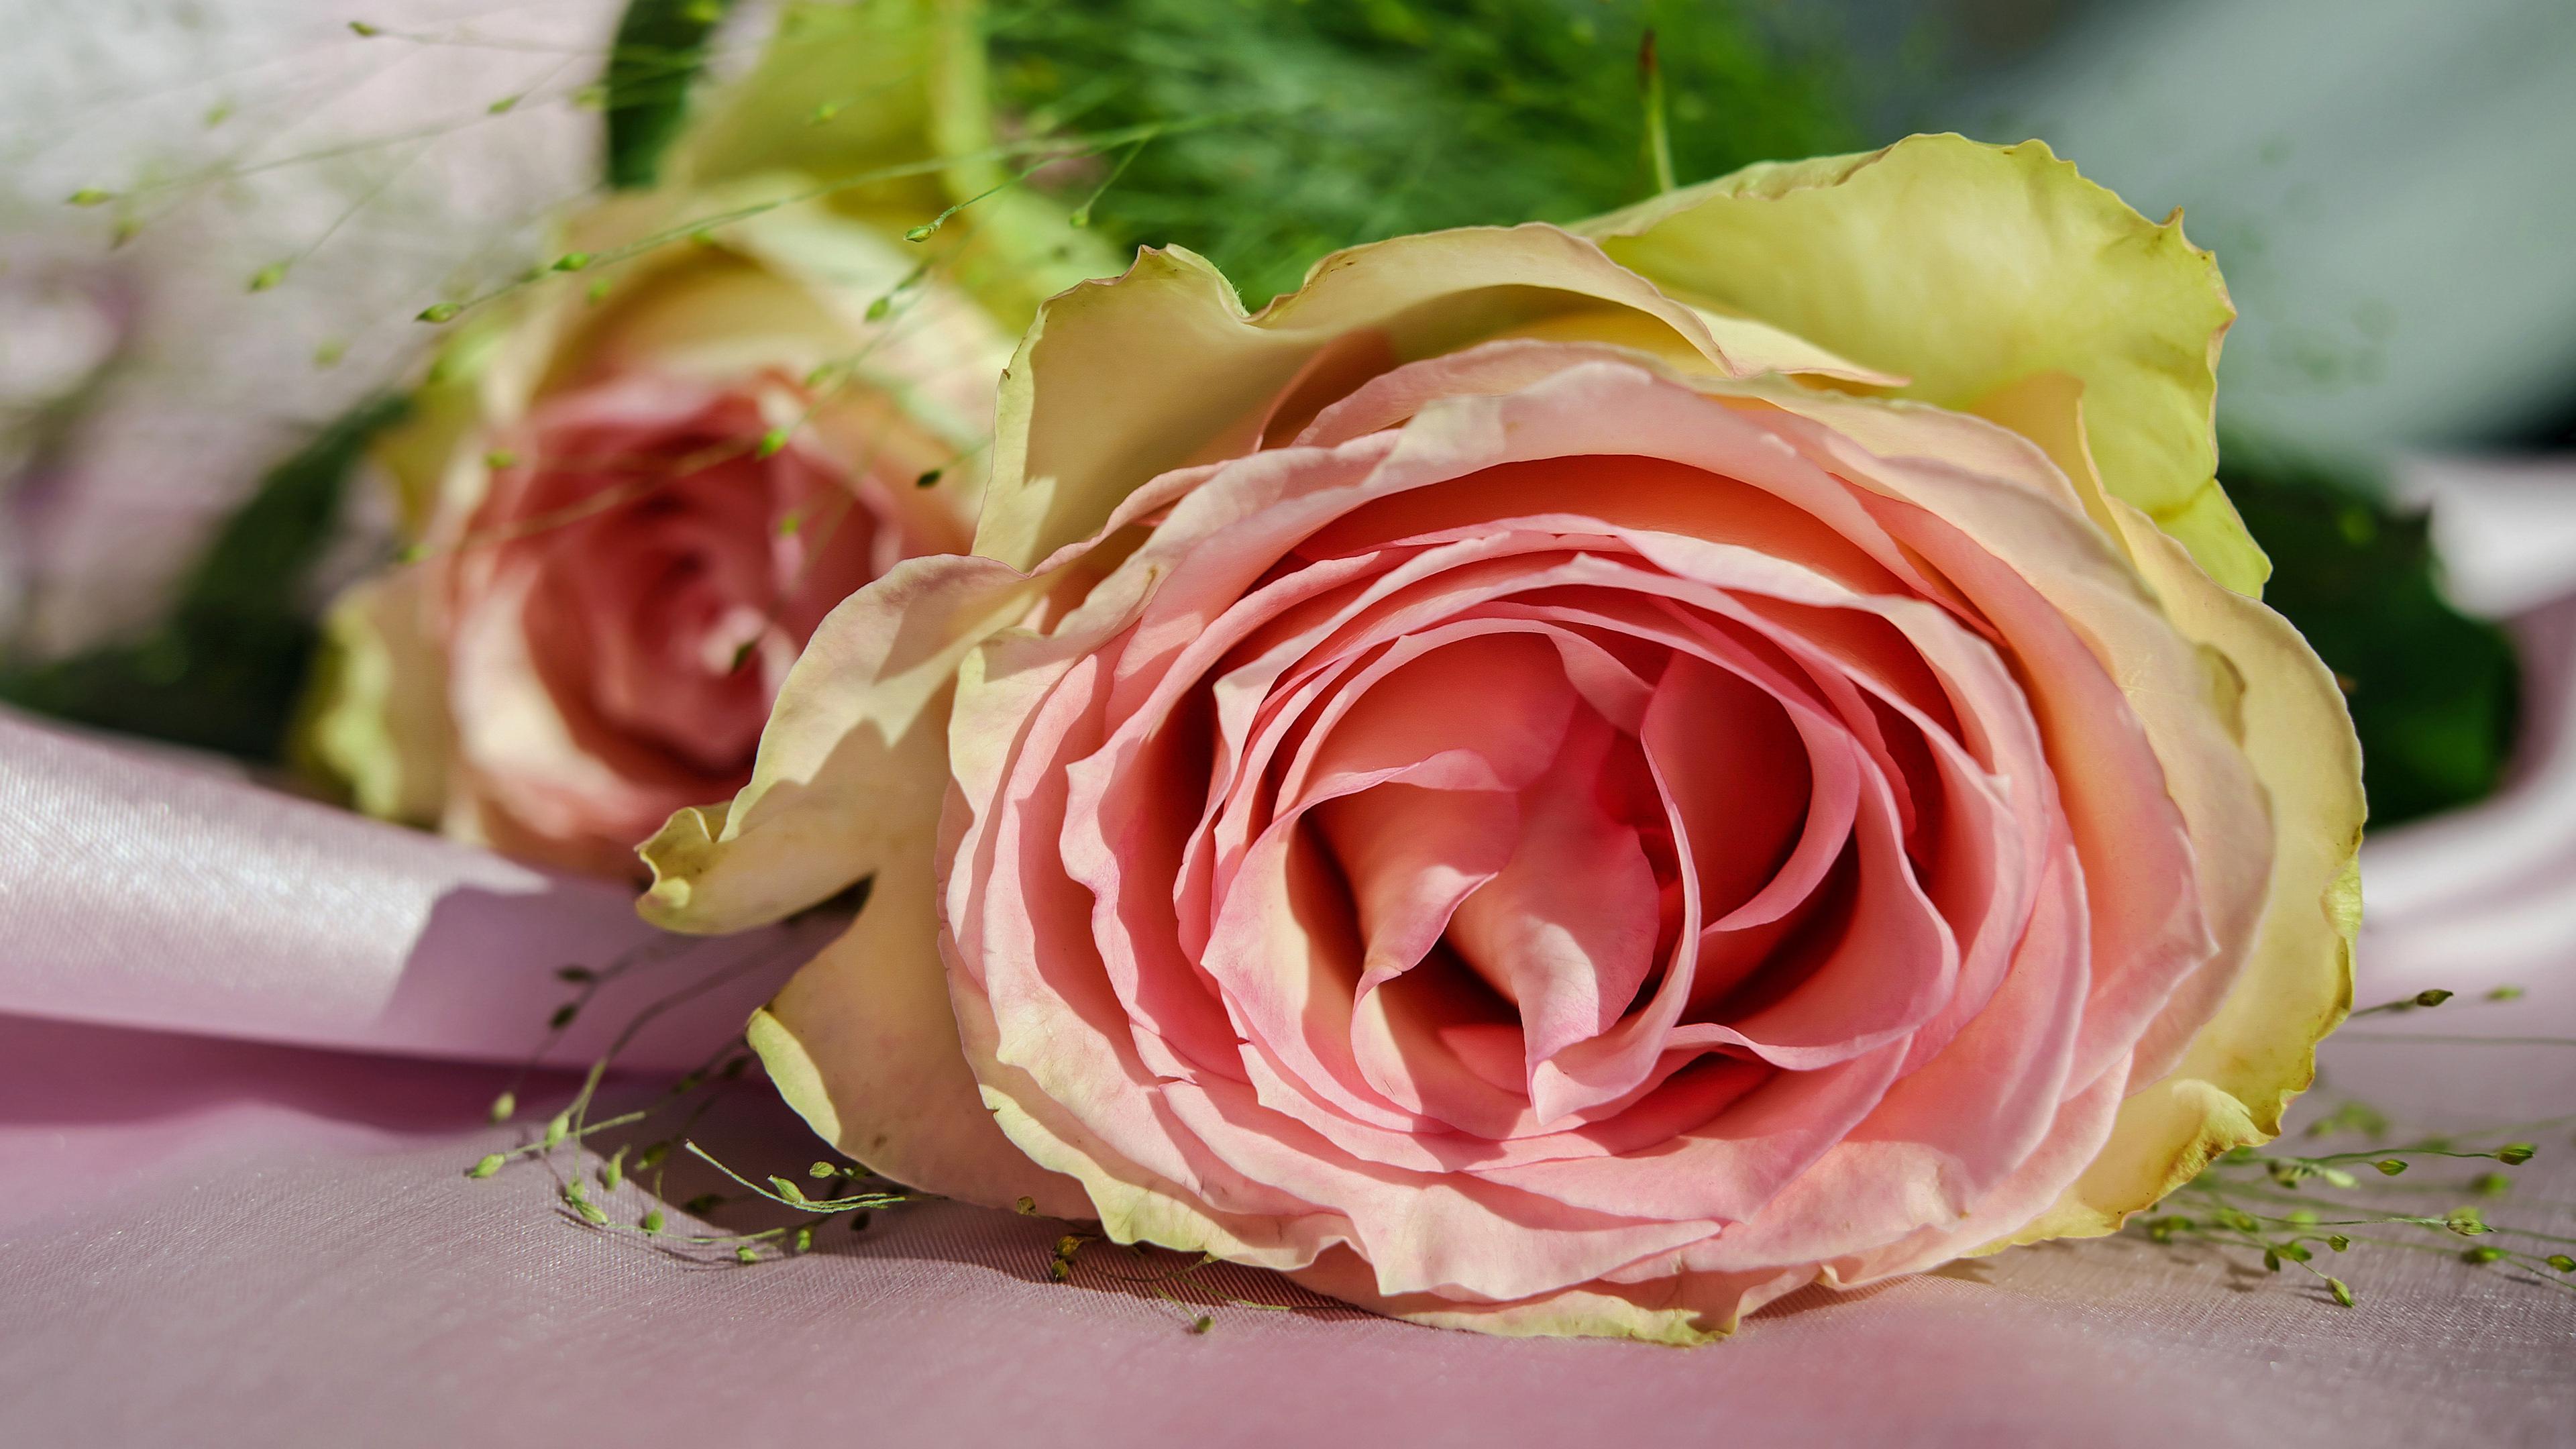 rose bud petals pink 4k 1540064173 - rose, bud, petals, pink 4k - Rose, Petals, bud